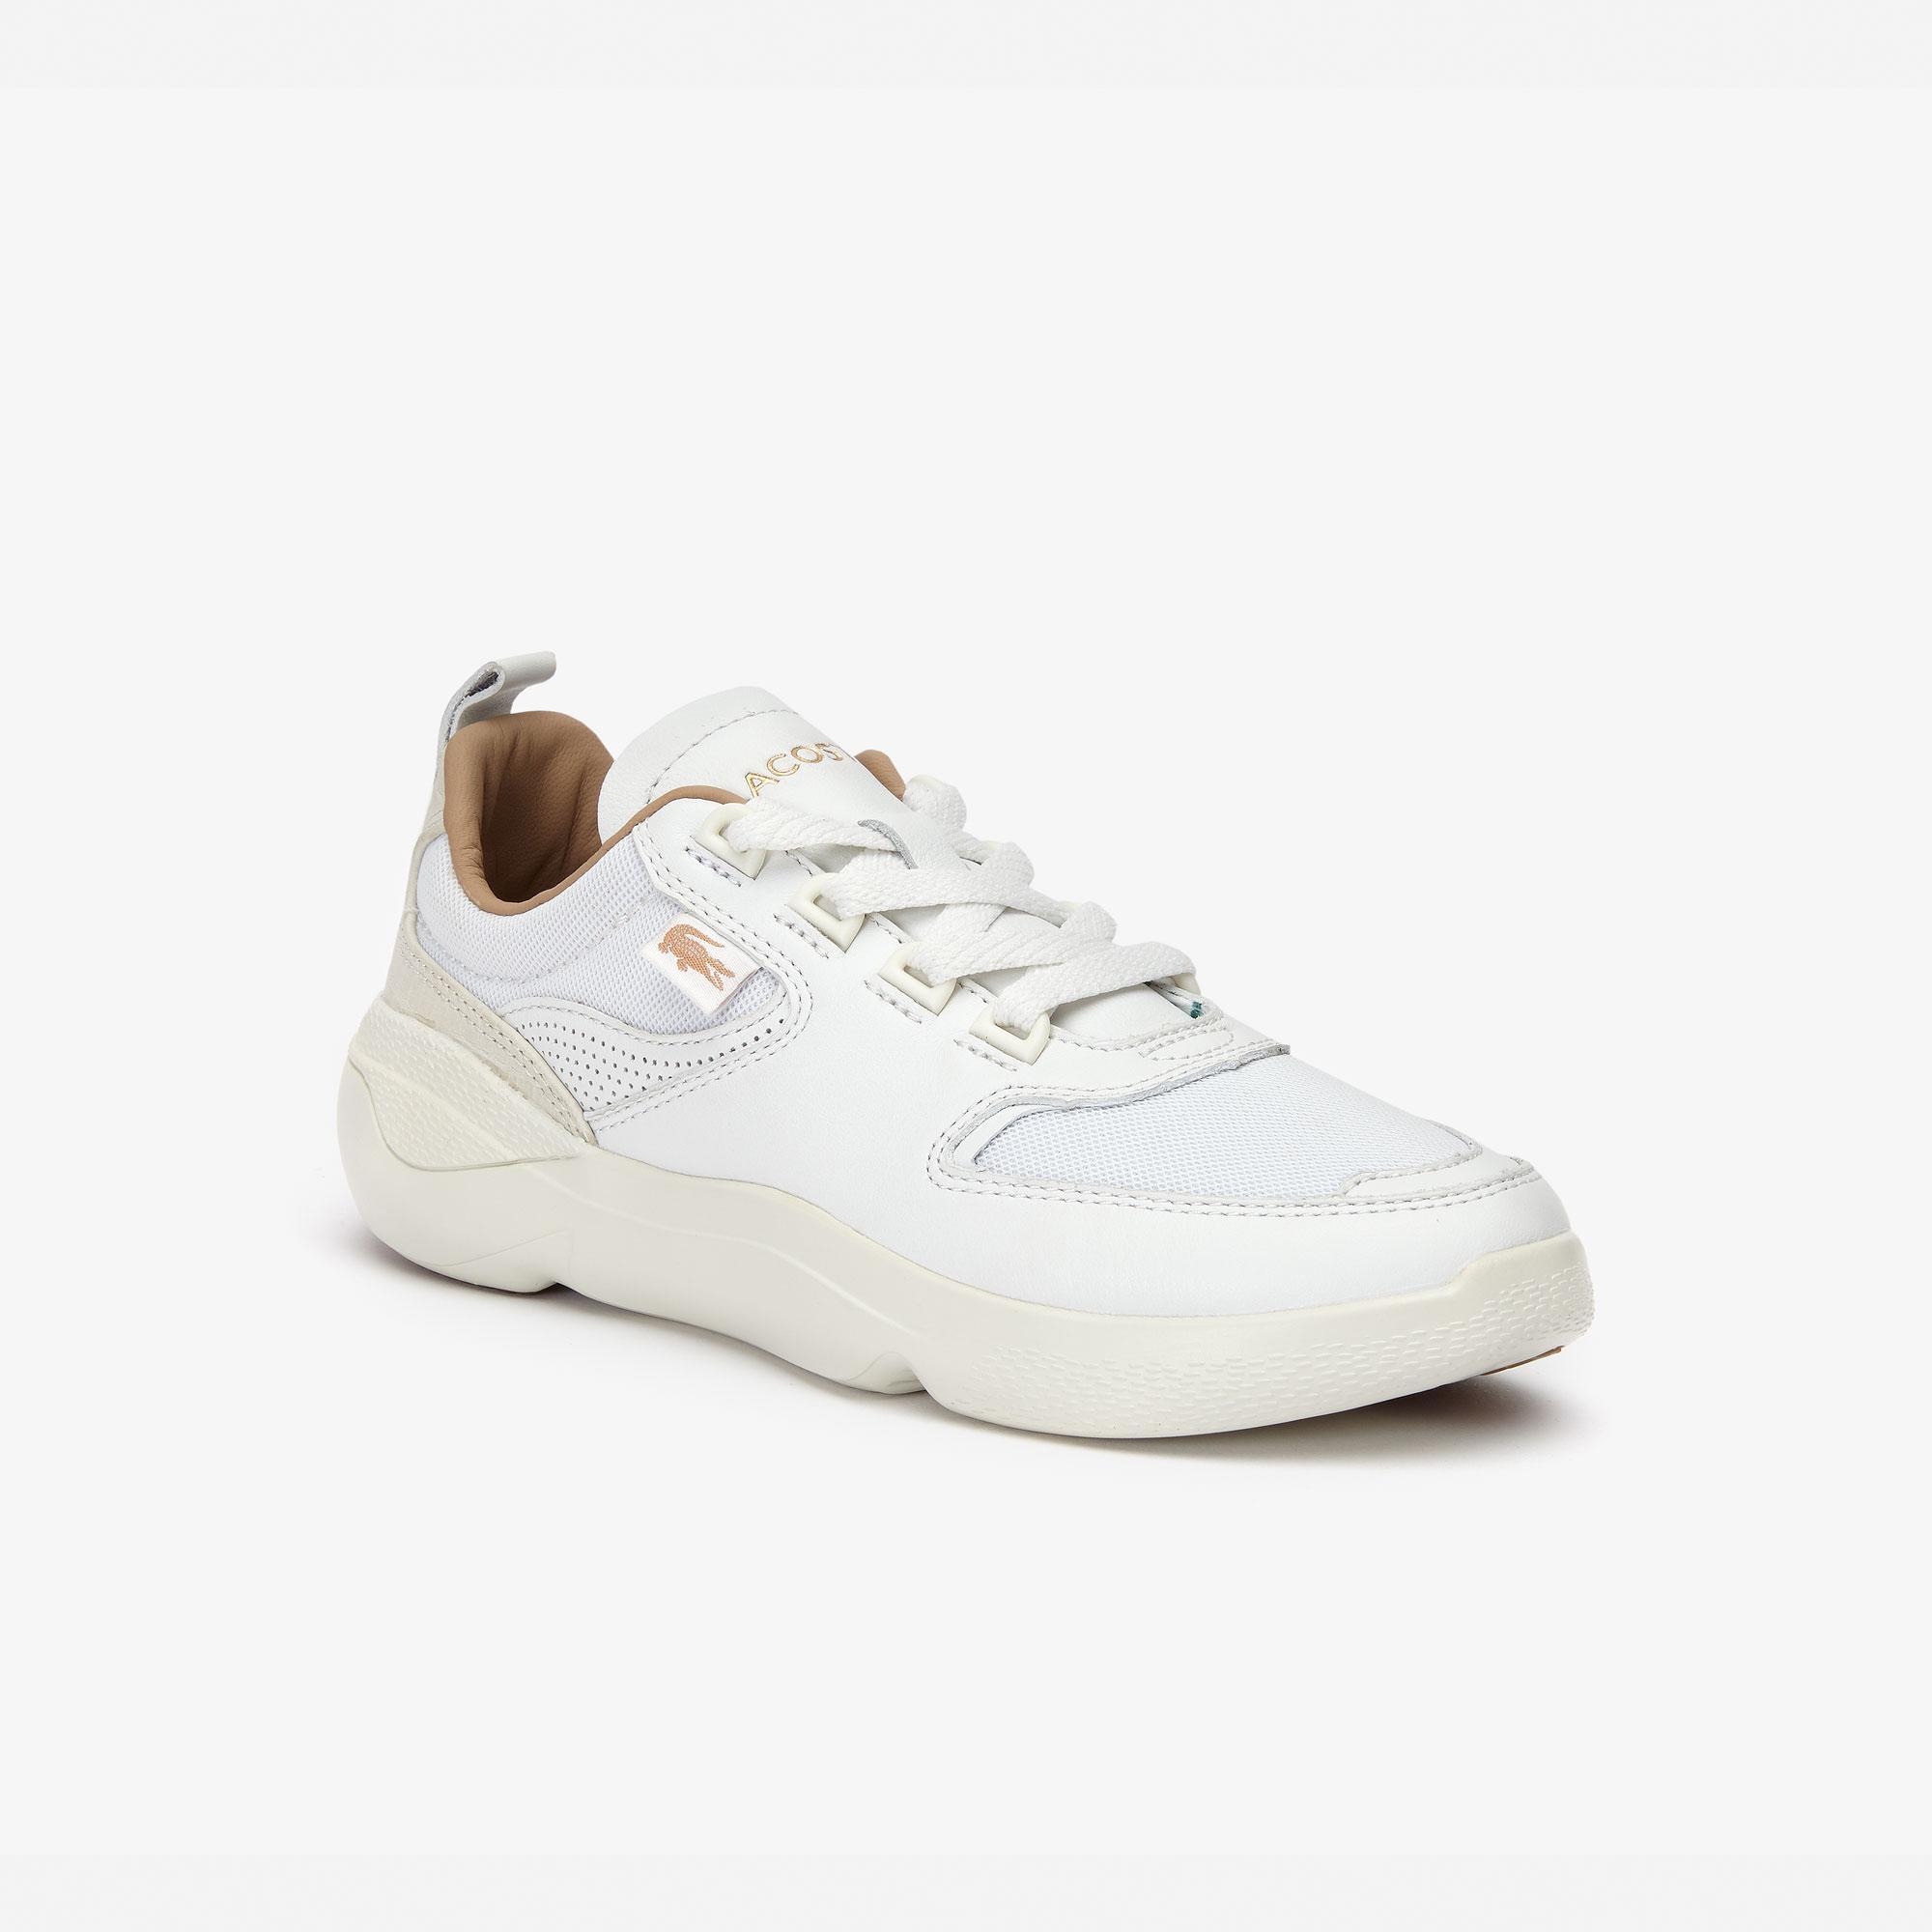 Lacoste Wildcard 319 2 Damskie Sneakersy